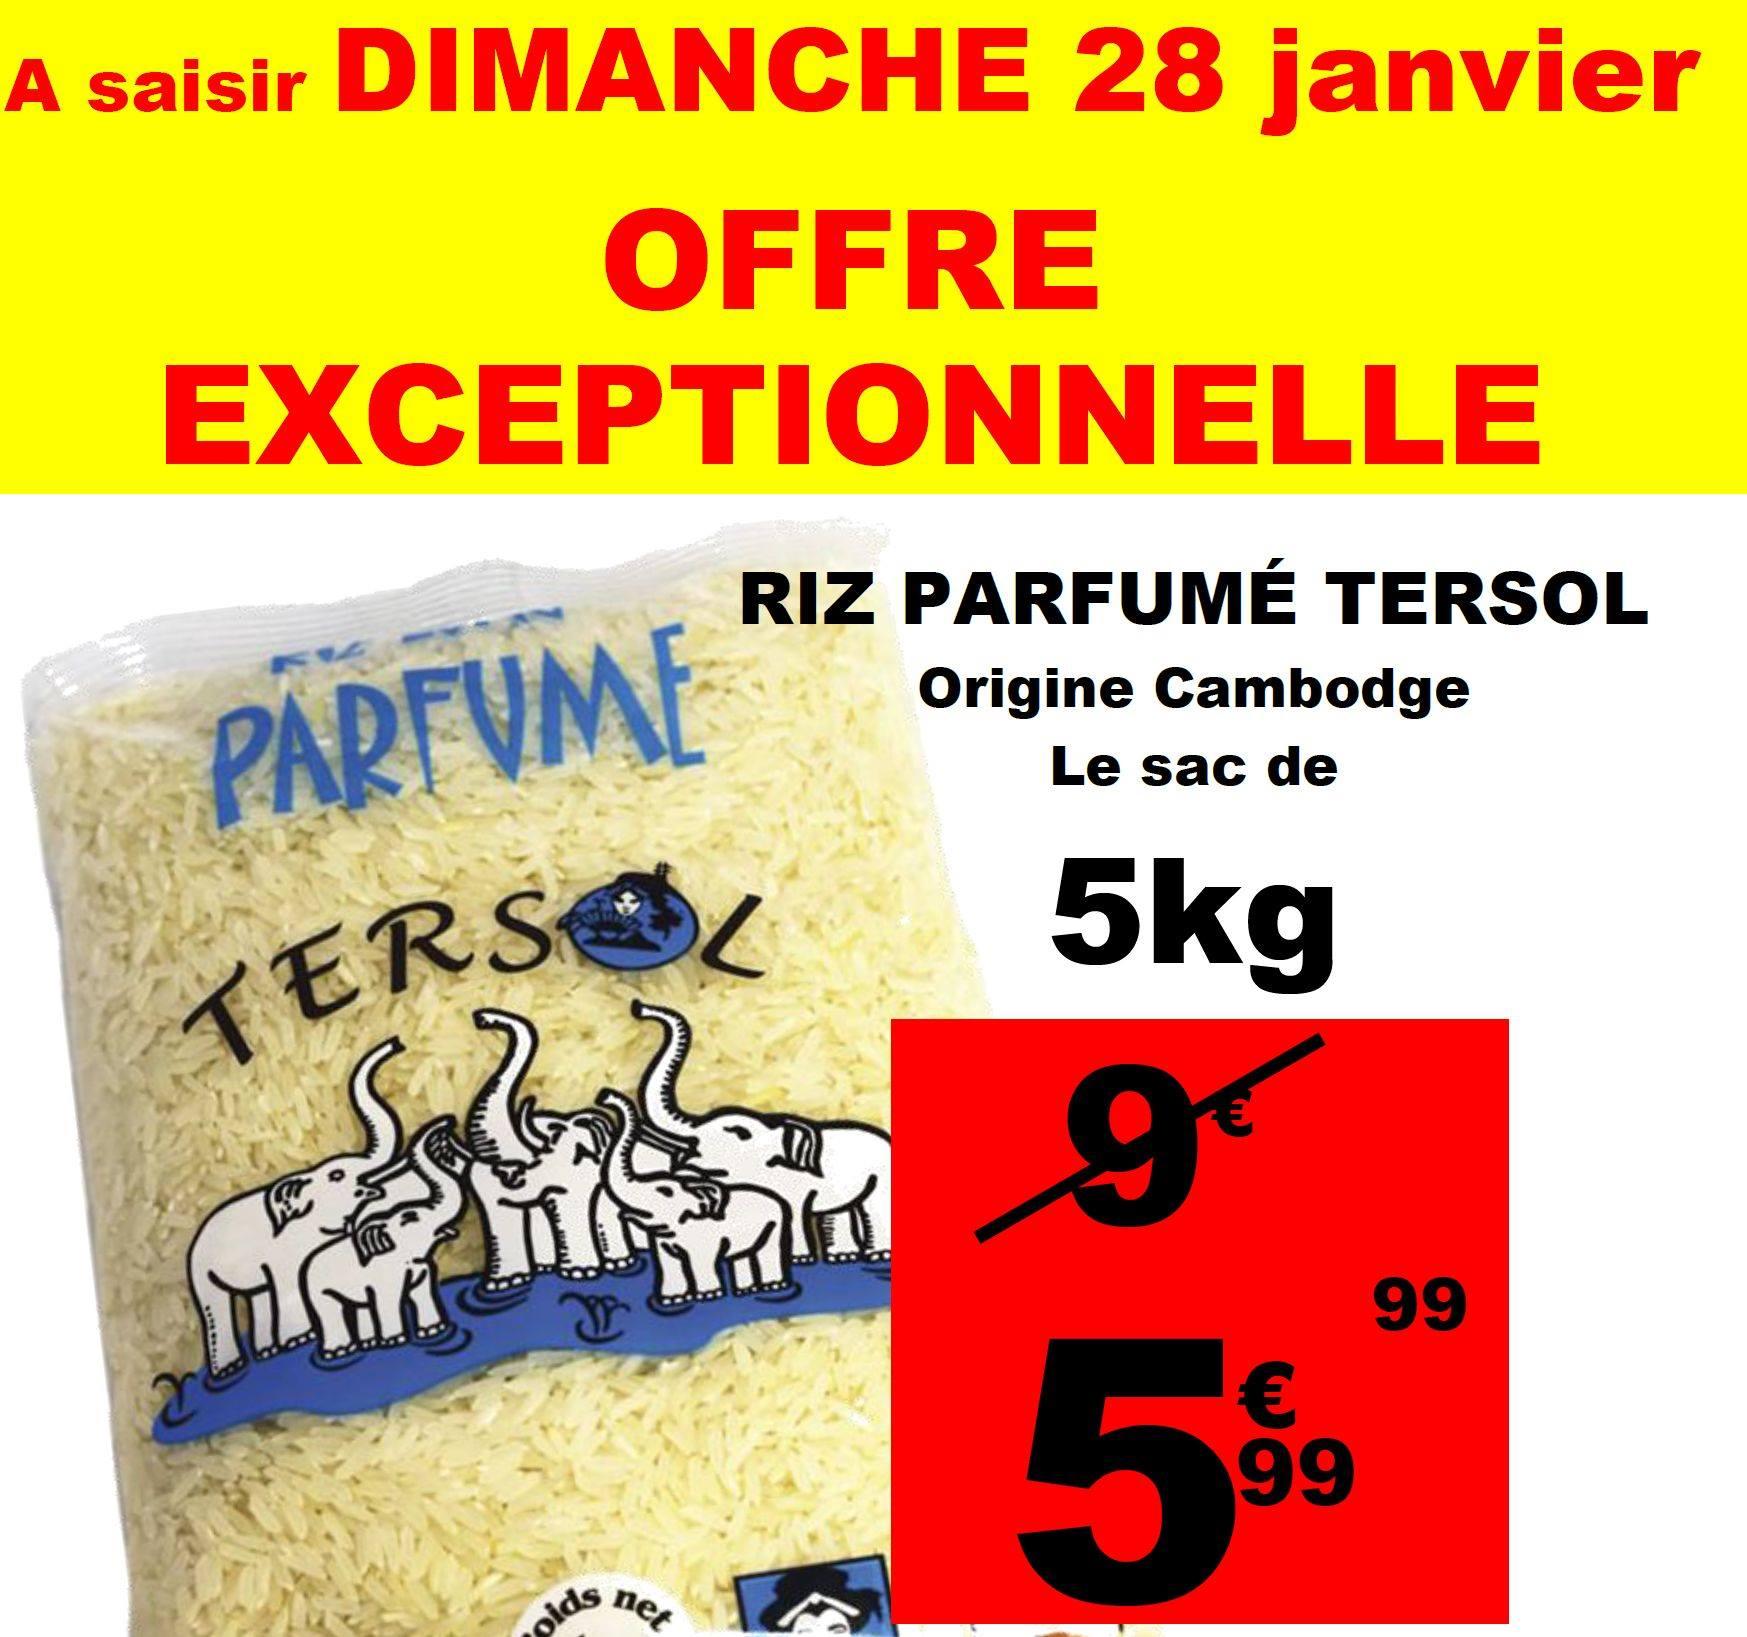 Sac de Riz parfumé Tersol 5 Kg - Auchan Villetaneuse (93)